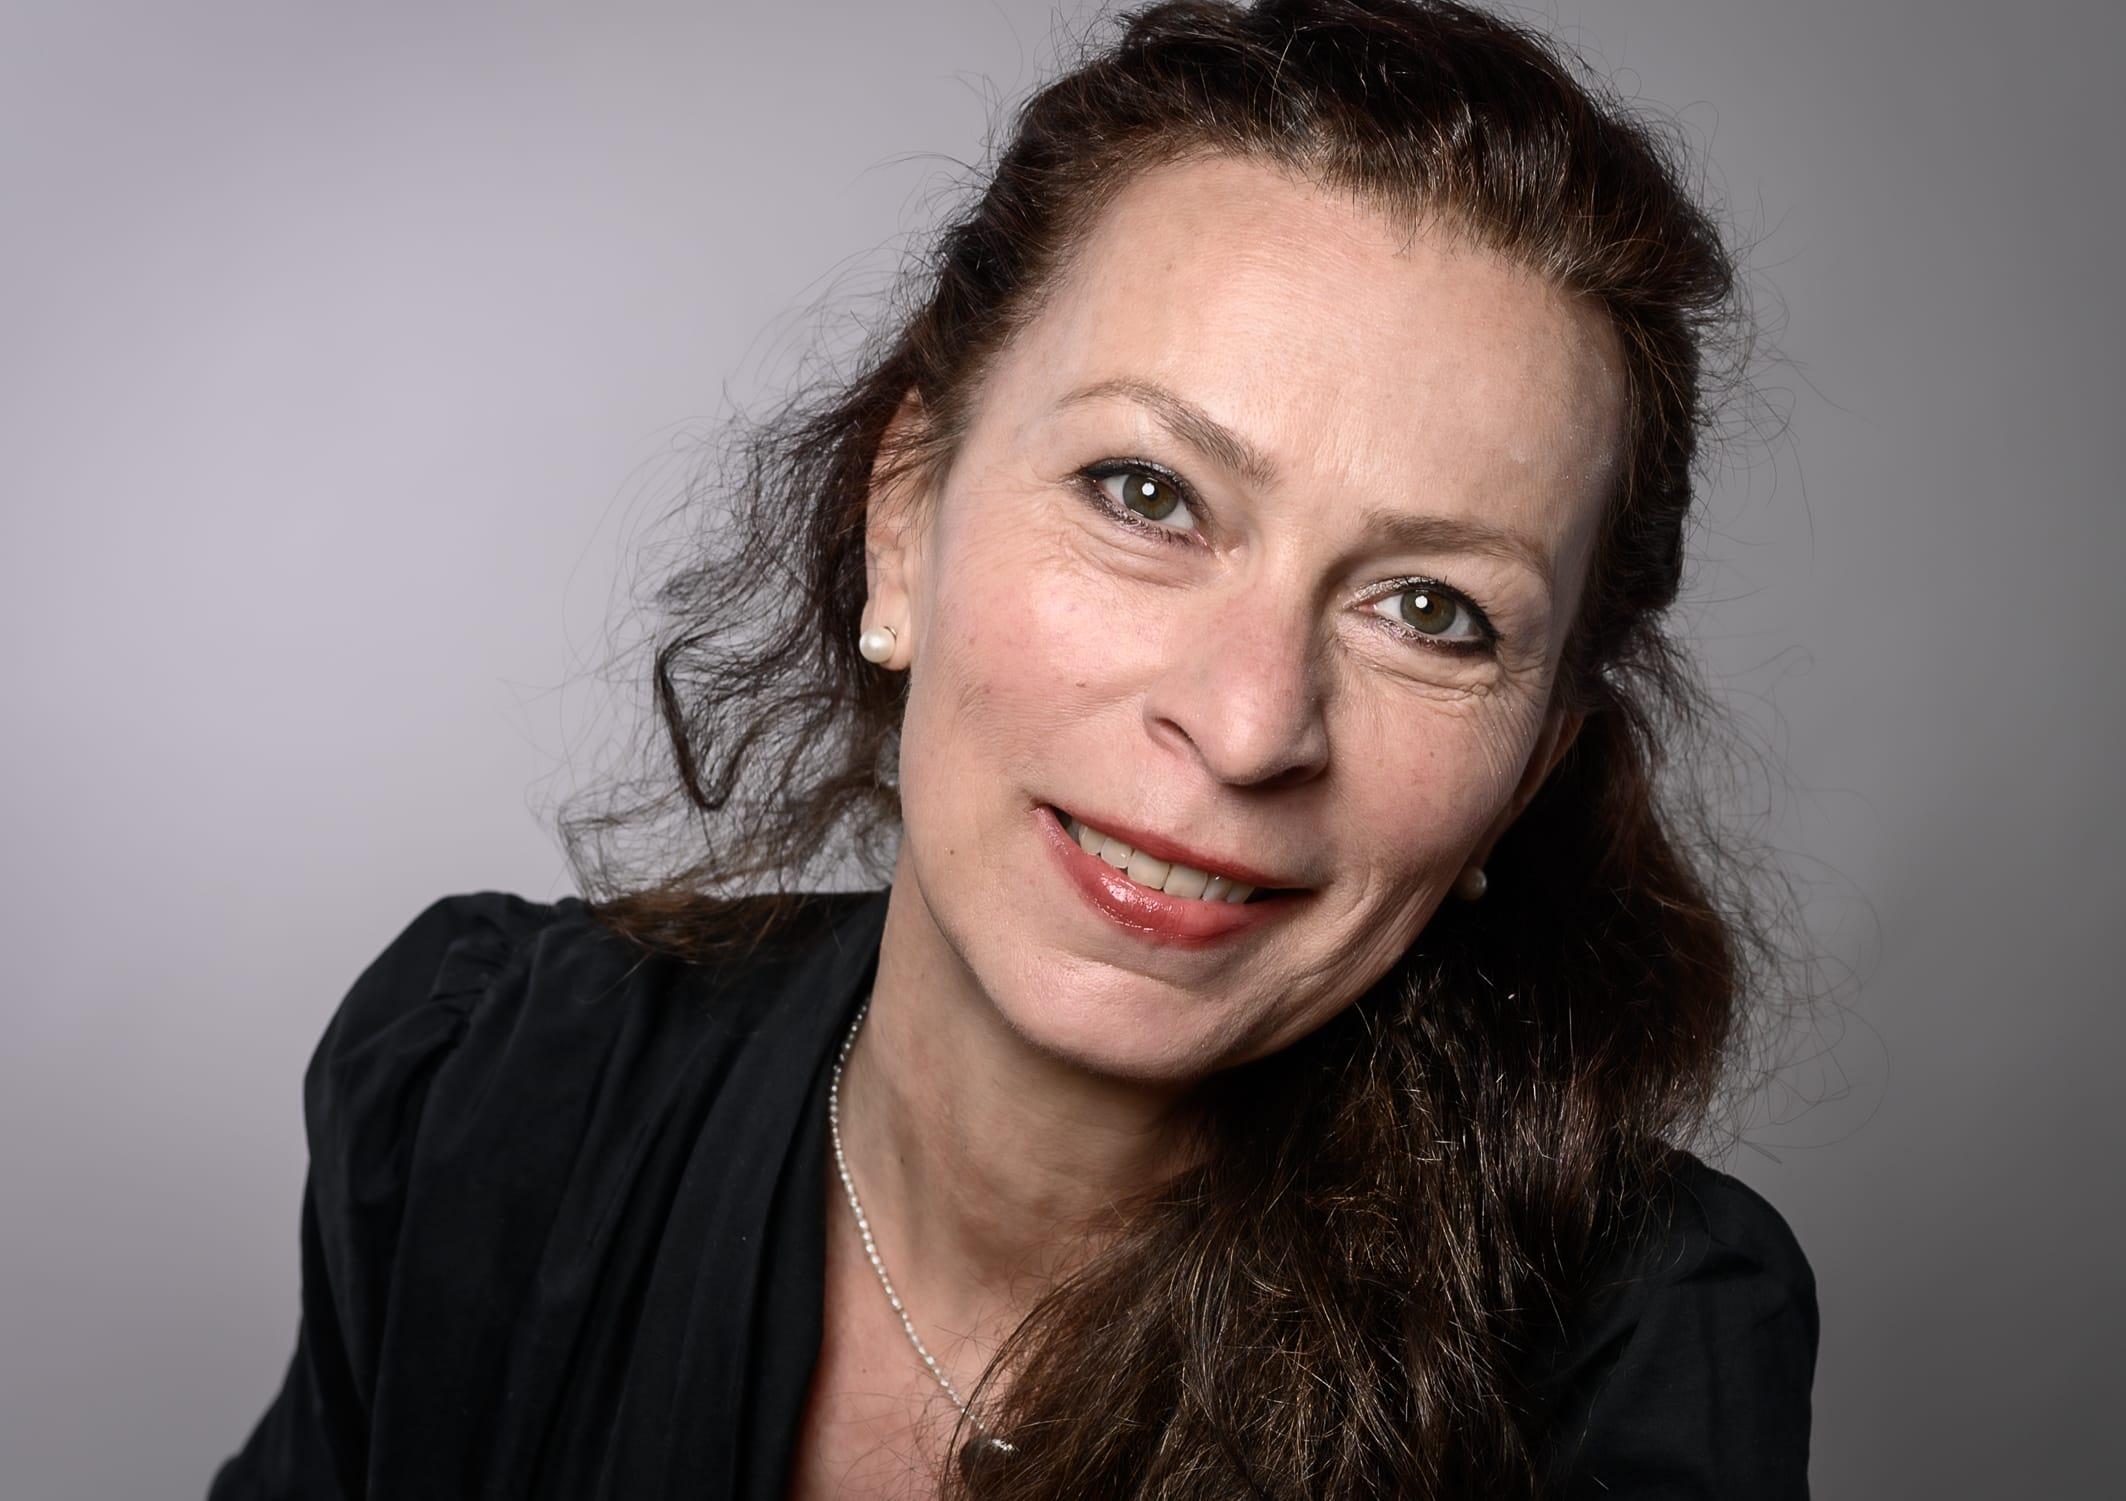 portrait Foto von Monika Degenhardt